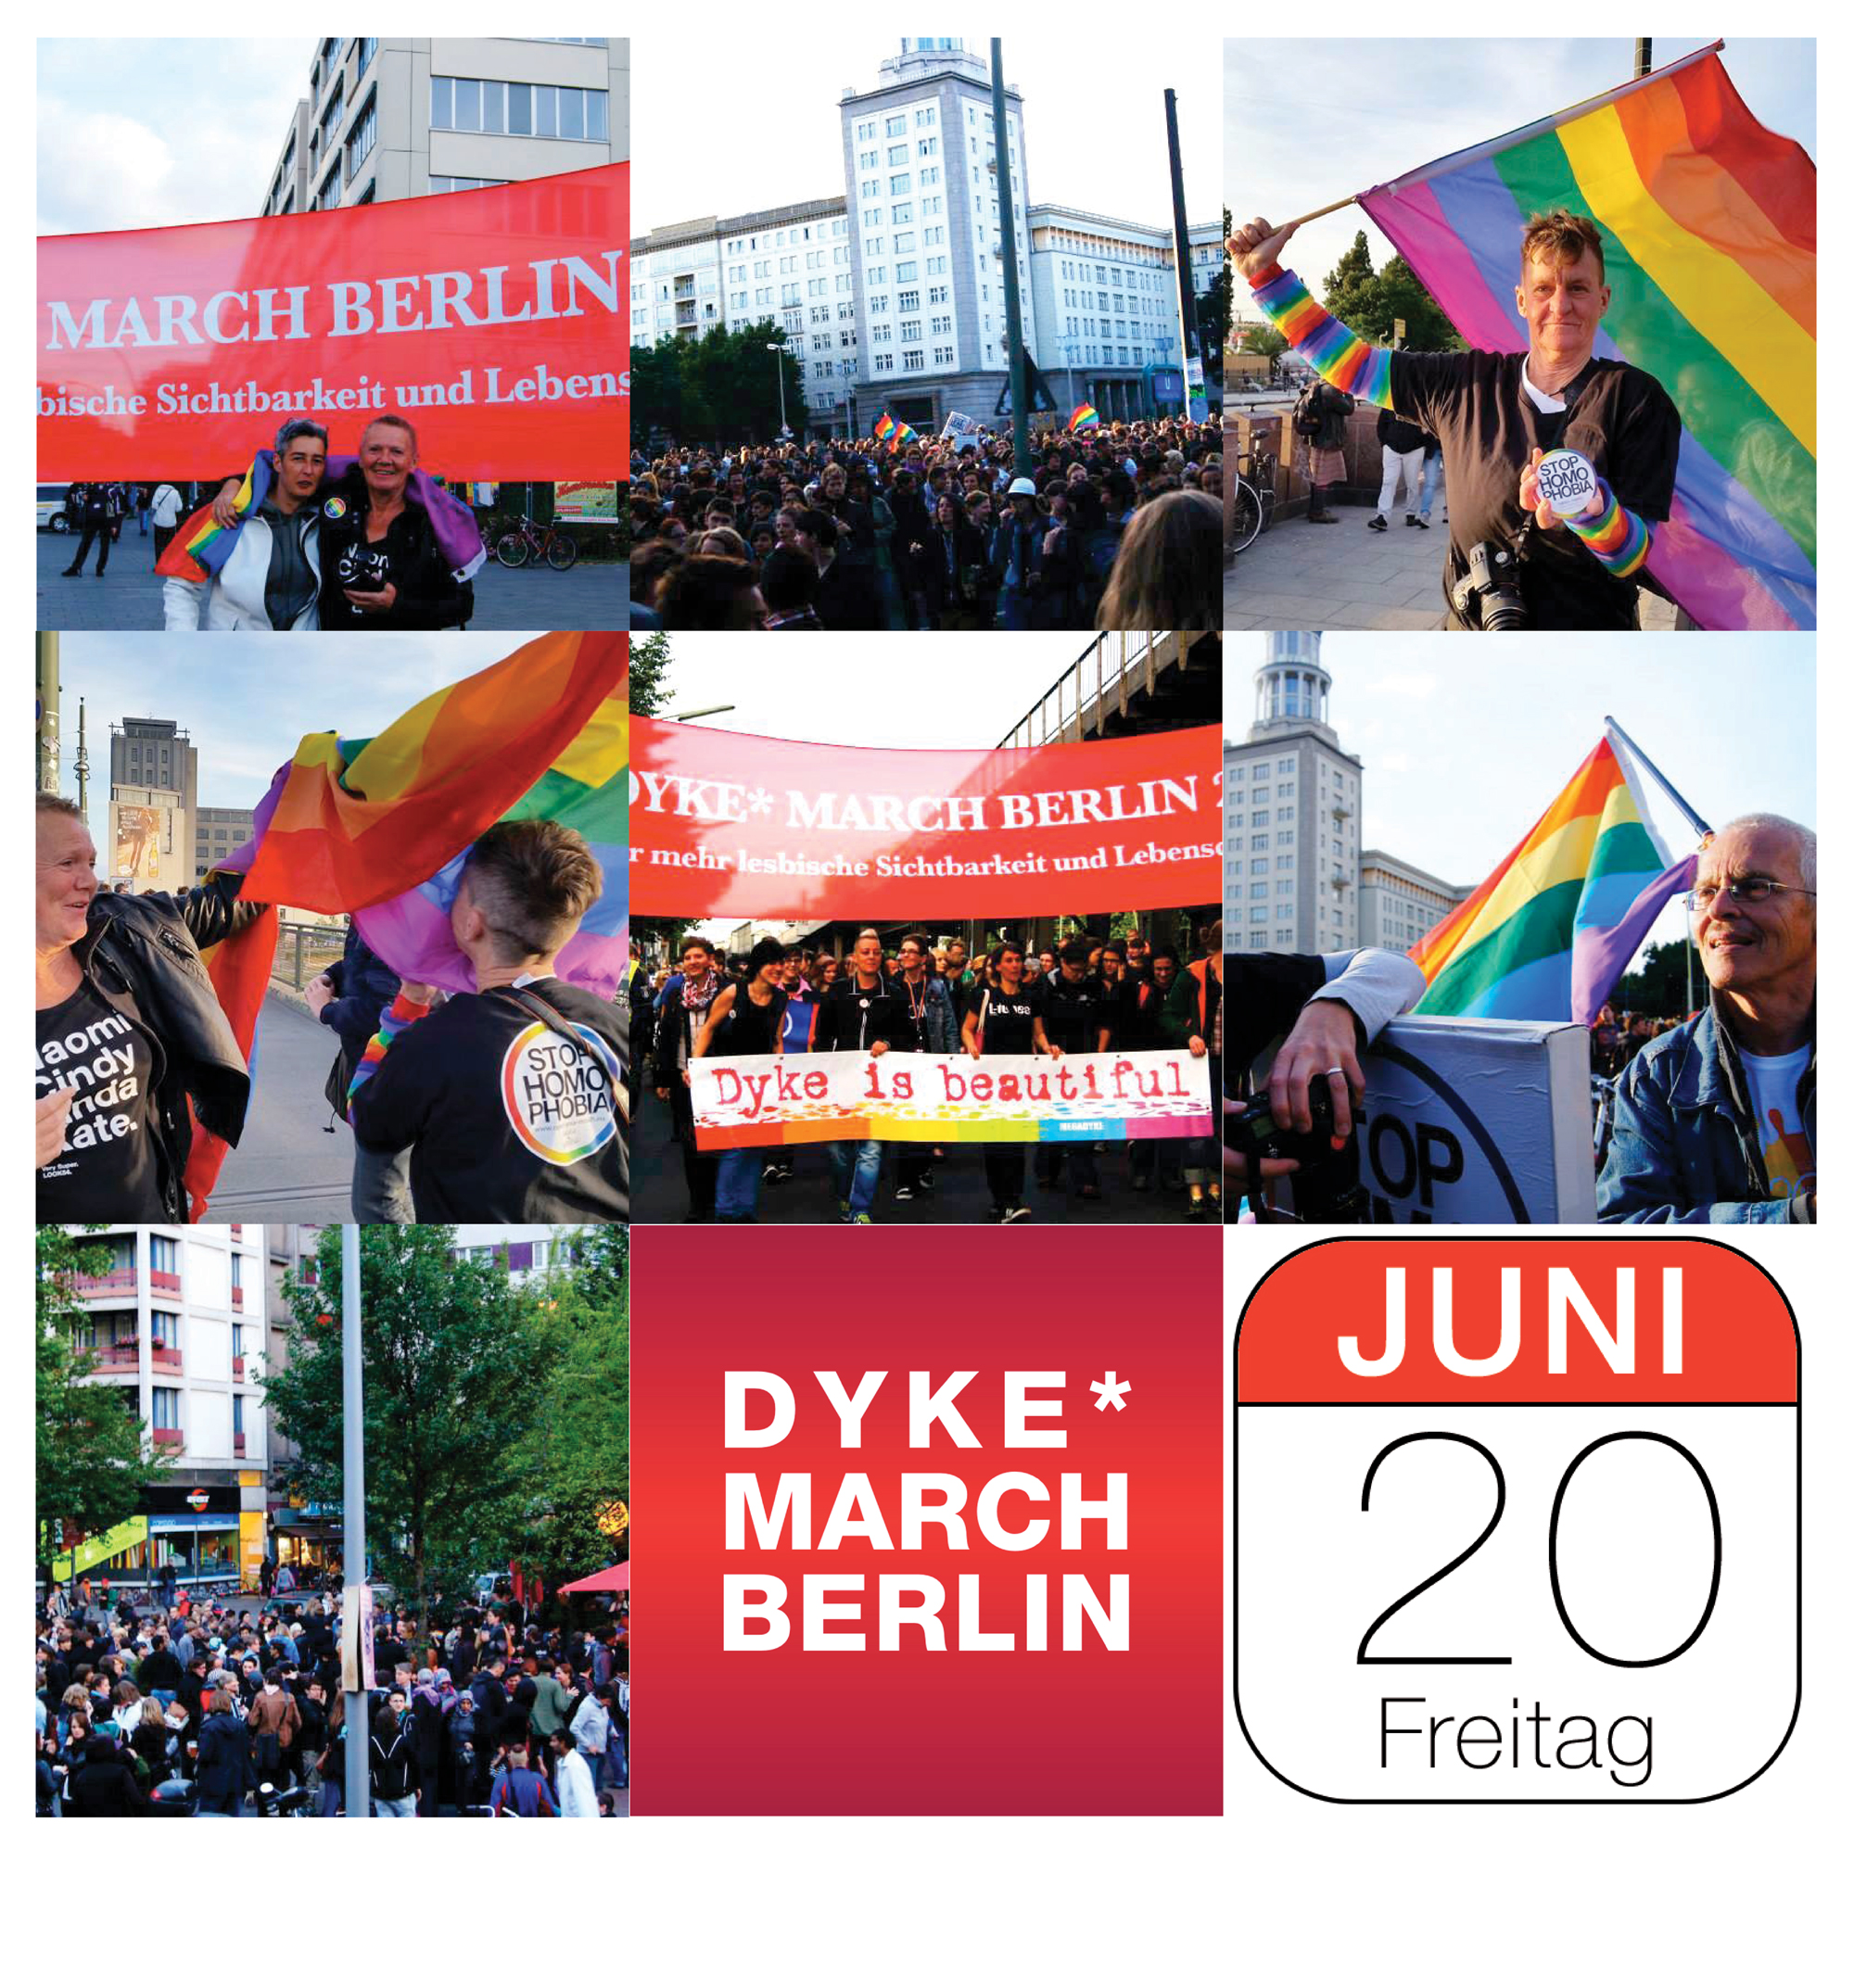 Dyke March 2014